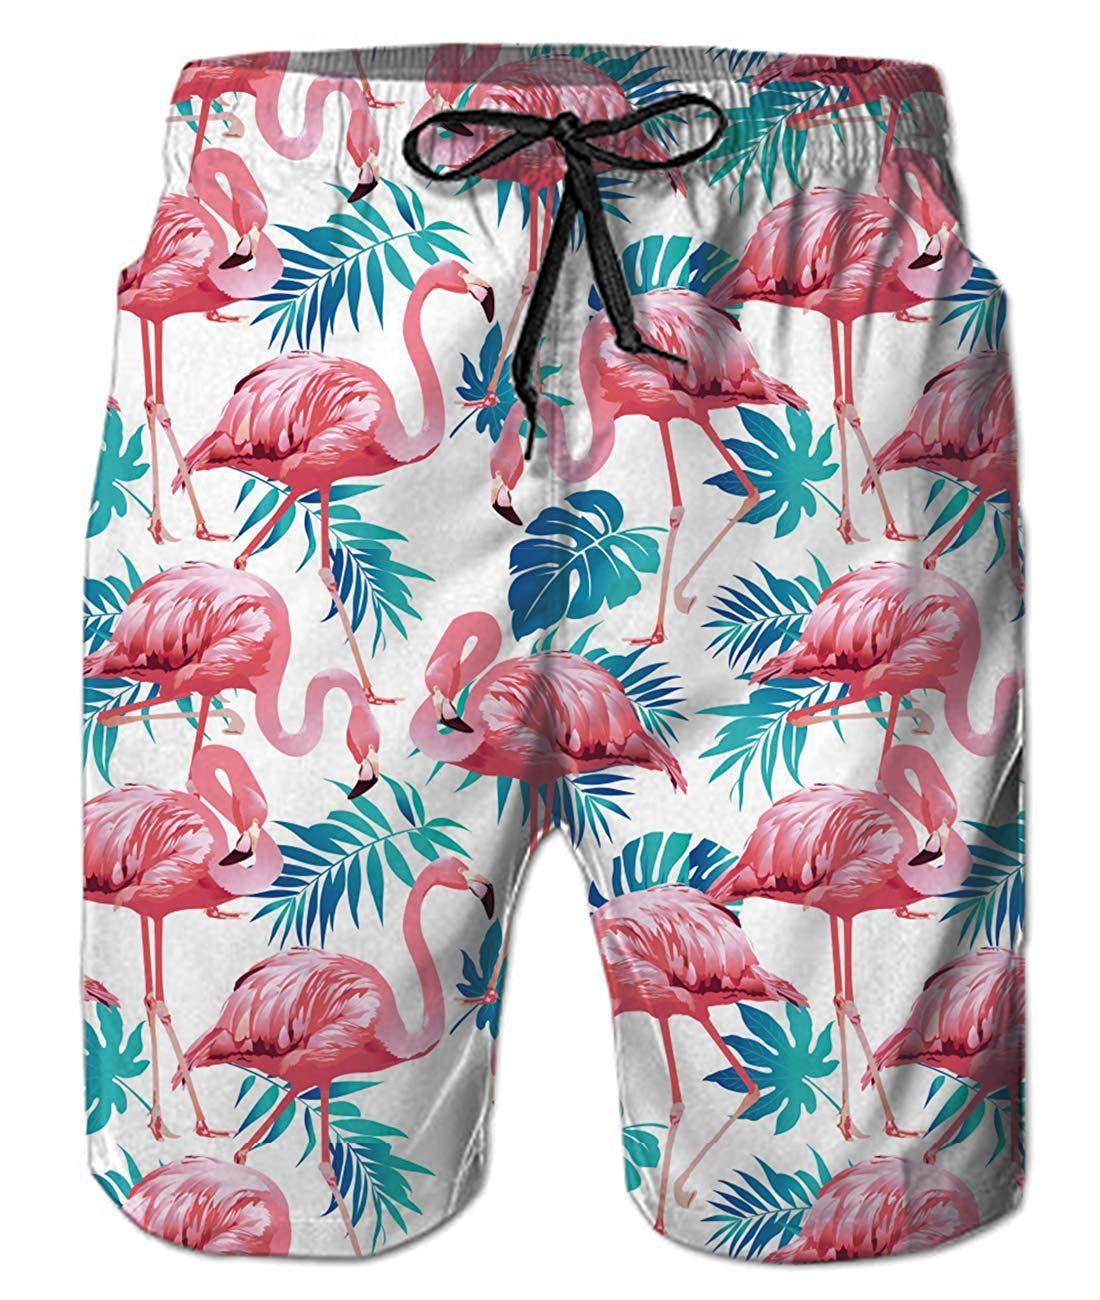 Mans Summer Swimming Trunks Swimsuit Trunks Custom Quick Dry Swim Trunks